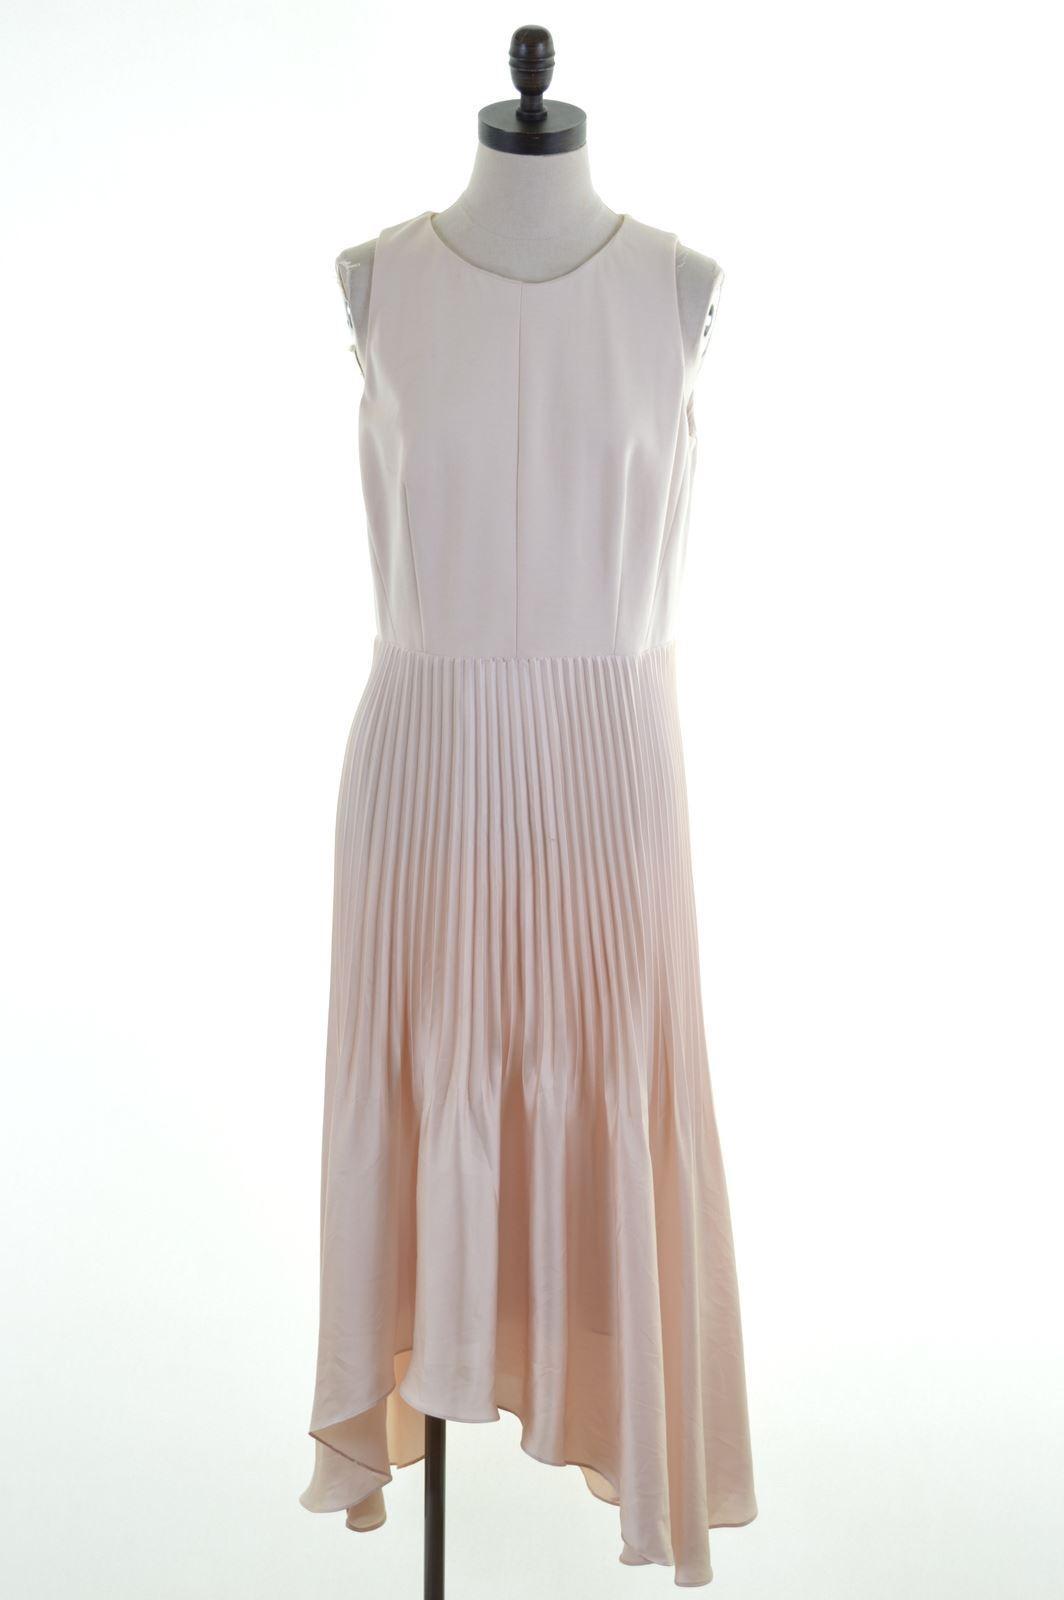 Vestito da Donna Asimmetrico COSTA grandi beige viscosa FI12 FI12 FI12 d401d5